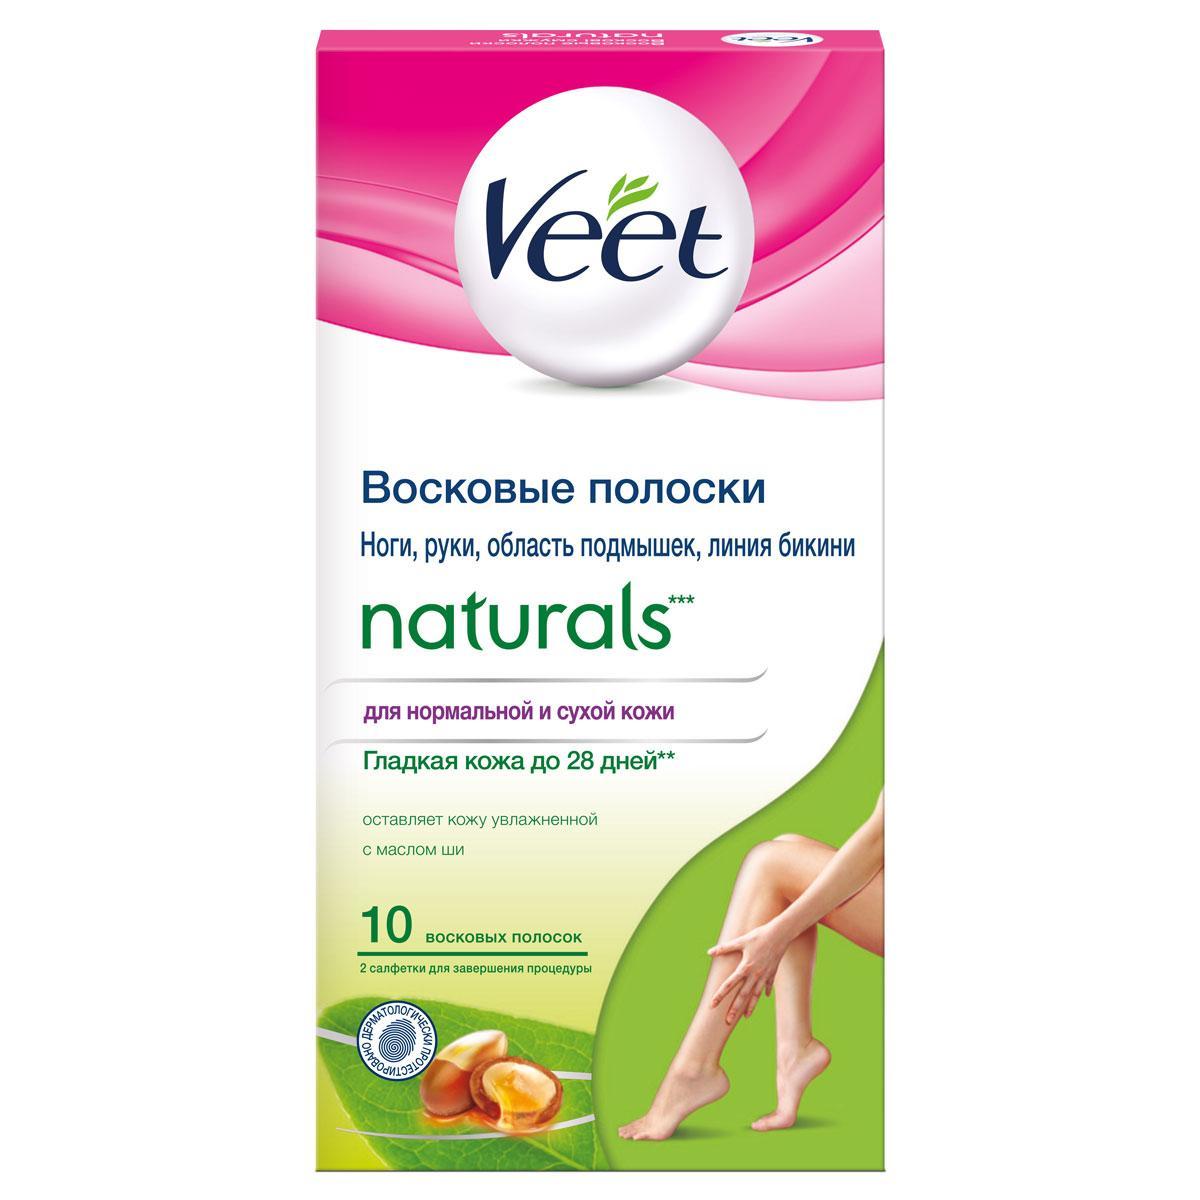 Воскові смужки Veet Naturals з маслом ши (для нормальної і сухої шкіри) 10 шт